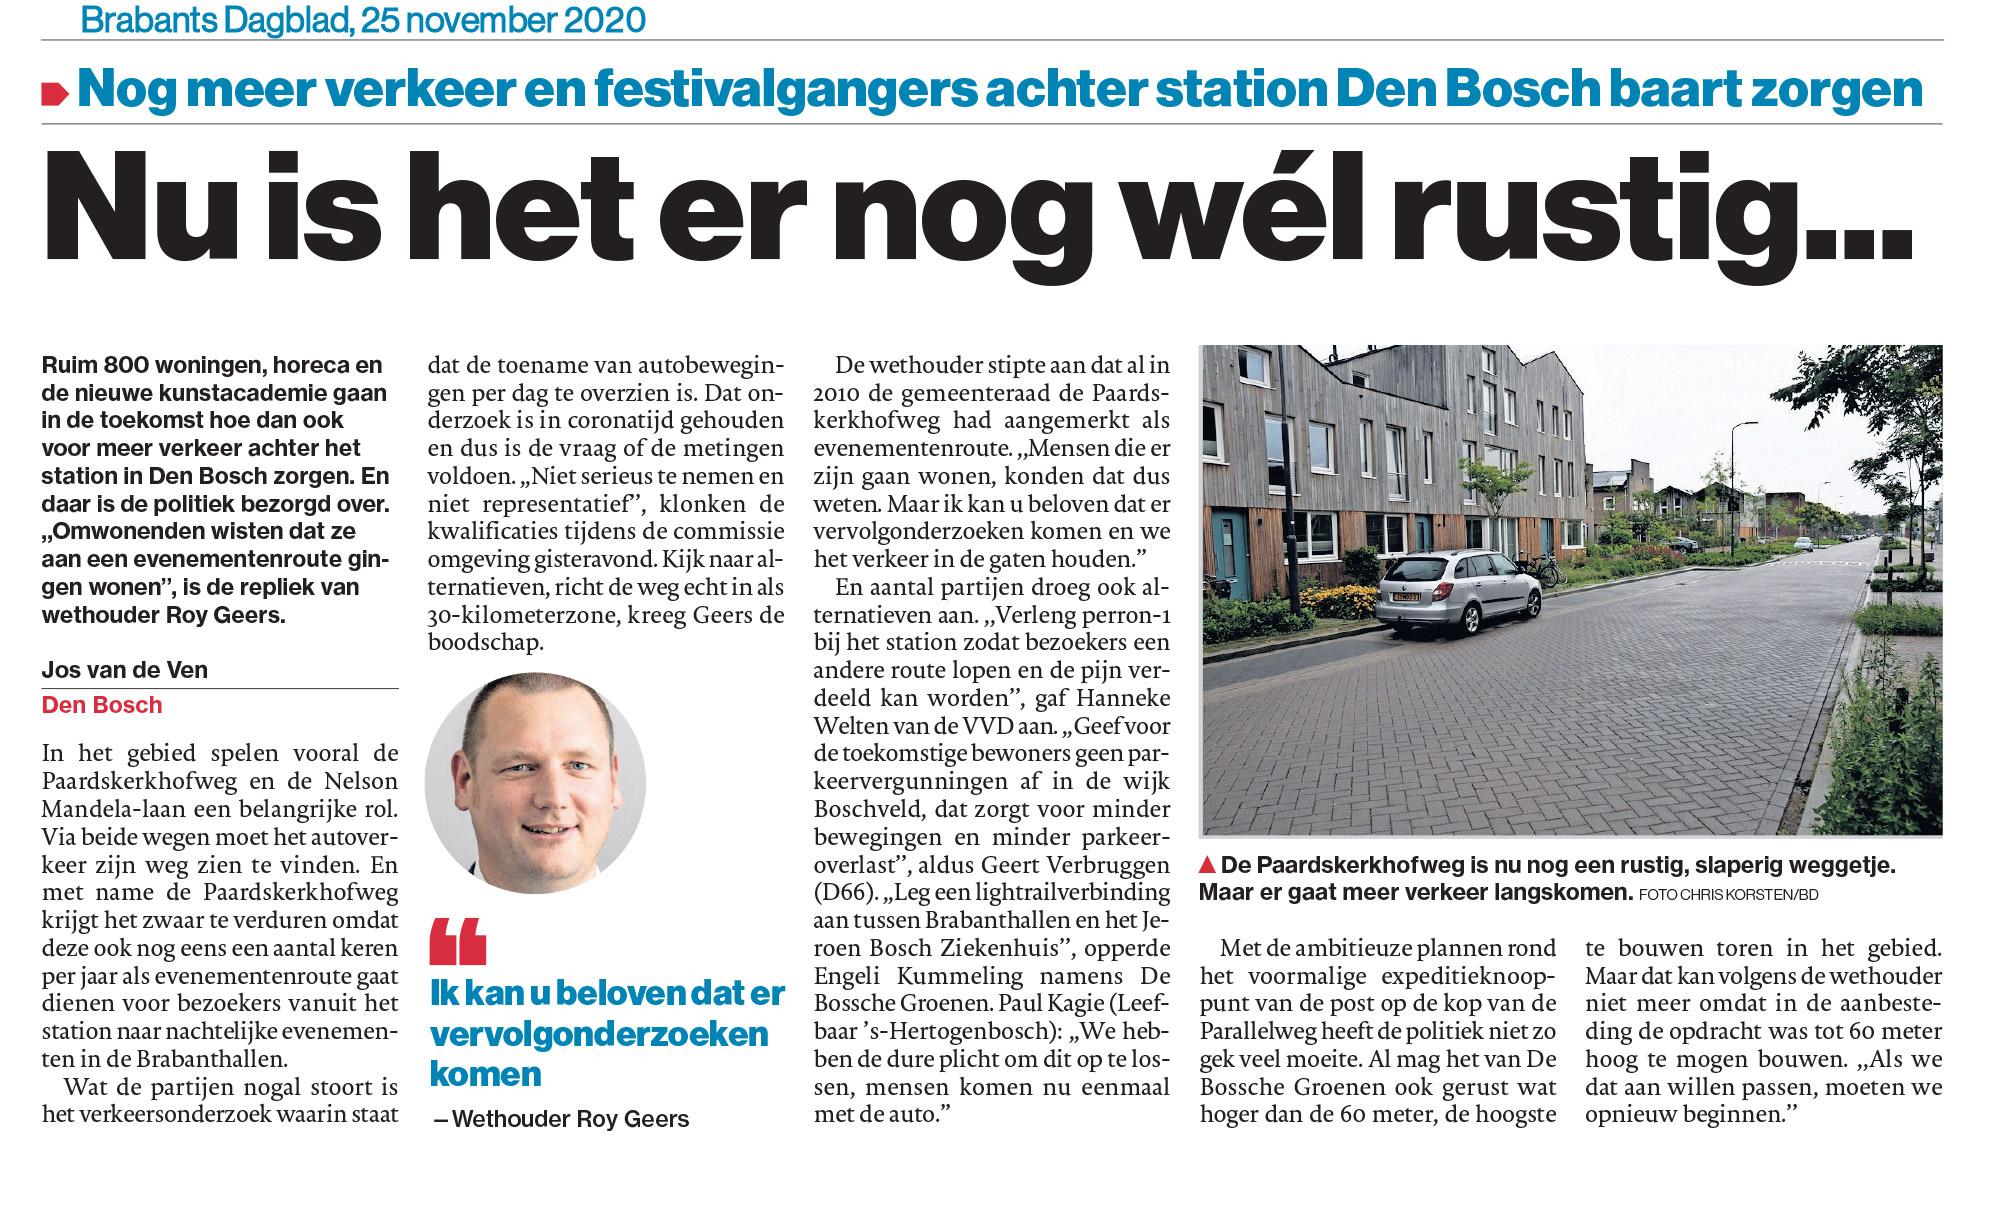 Artikel brabants dagblad over verkeer door Paardskerkhofweg